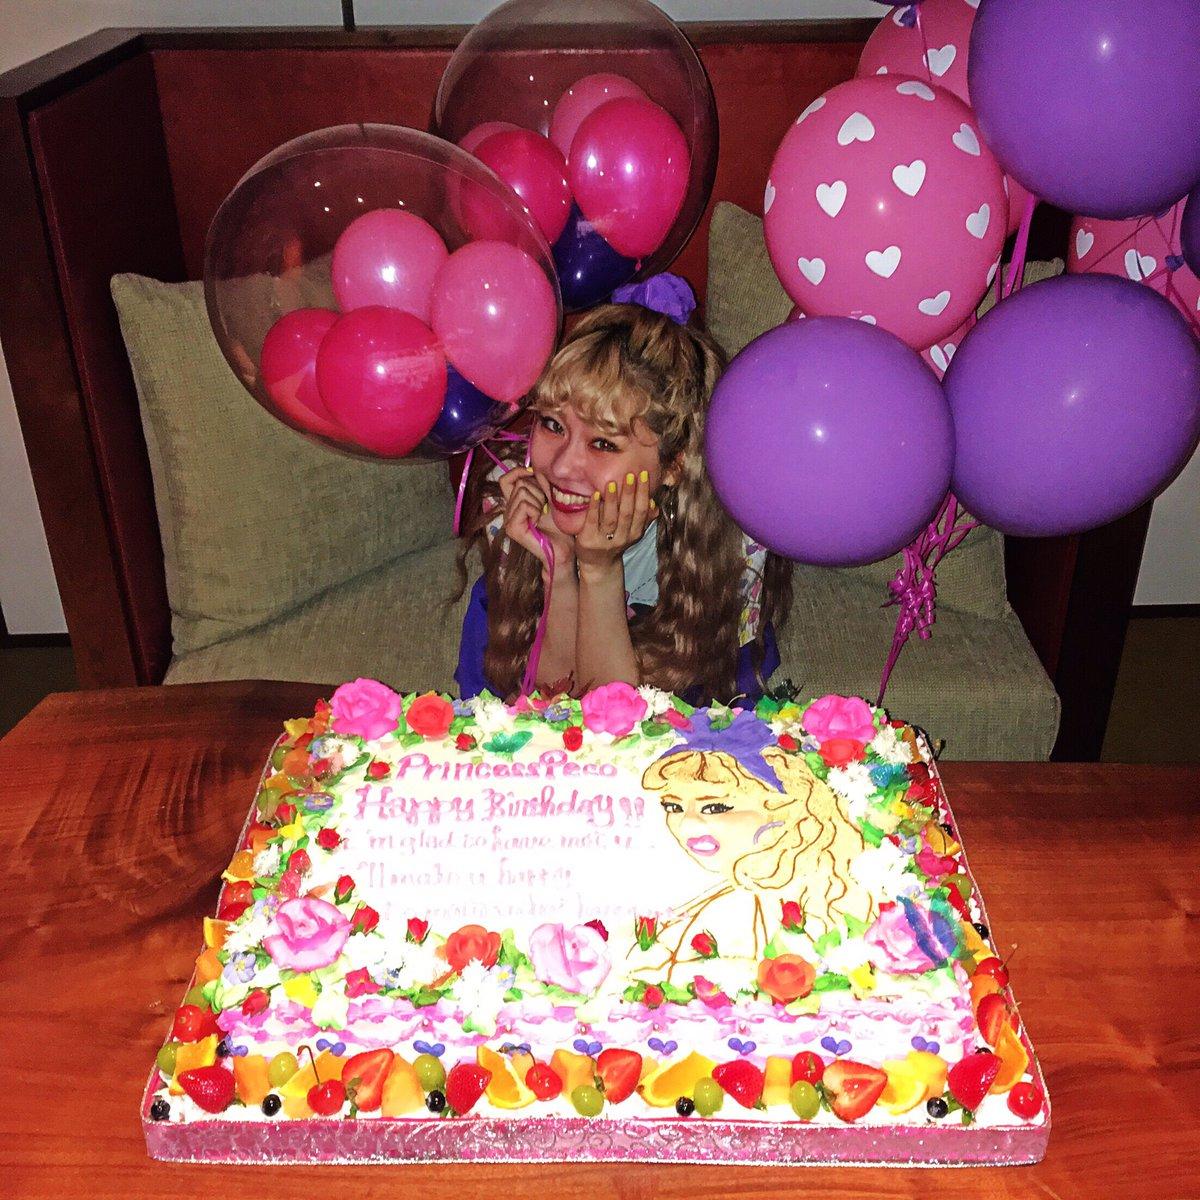 22歳おめでとうぺこり~~ん!! ✨22歳もこれまで以上に幸せにするね!! ✨✨ダイスキ!!!!!